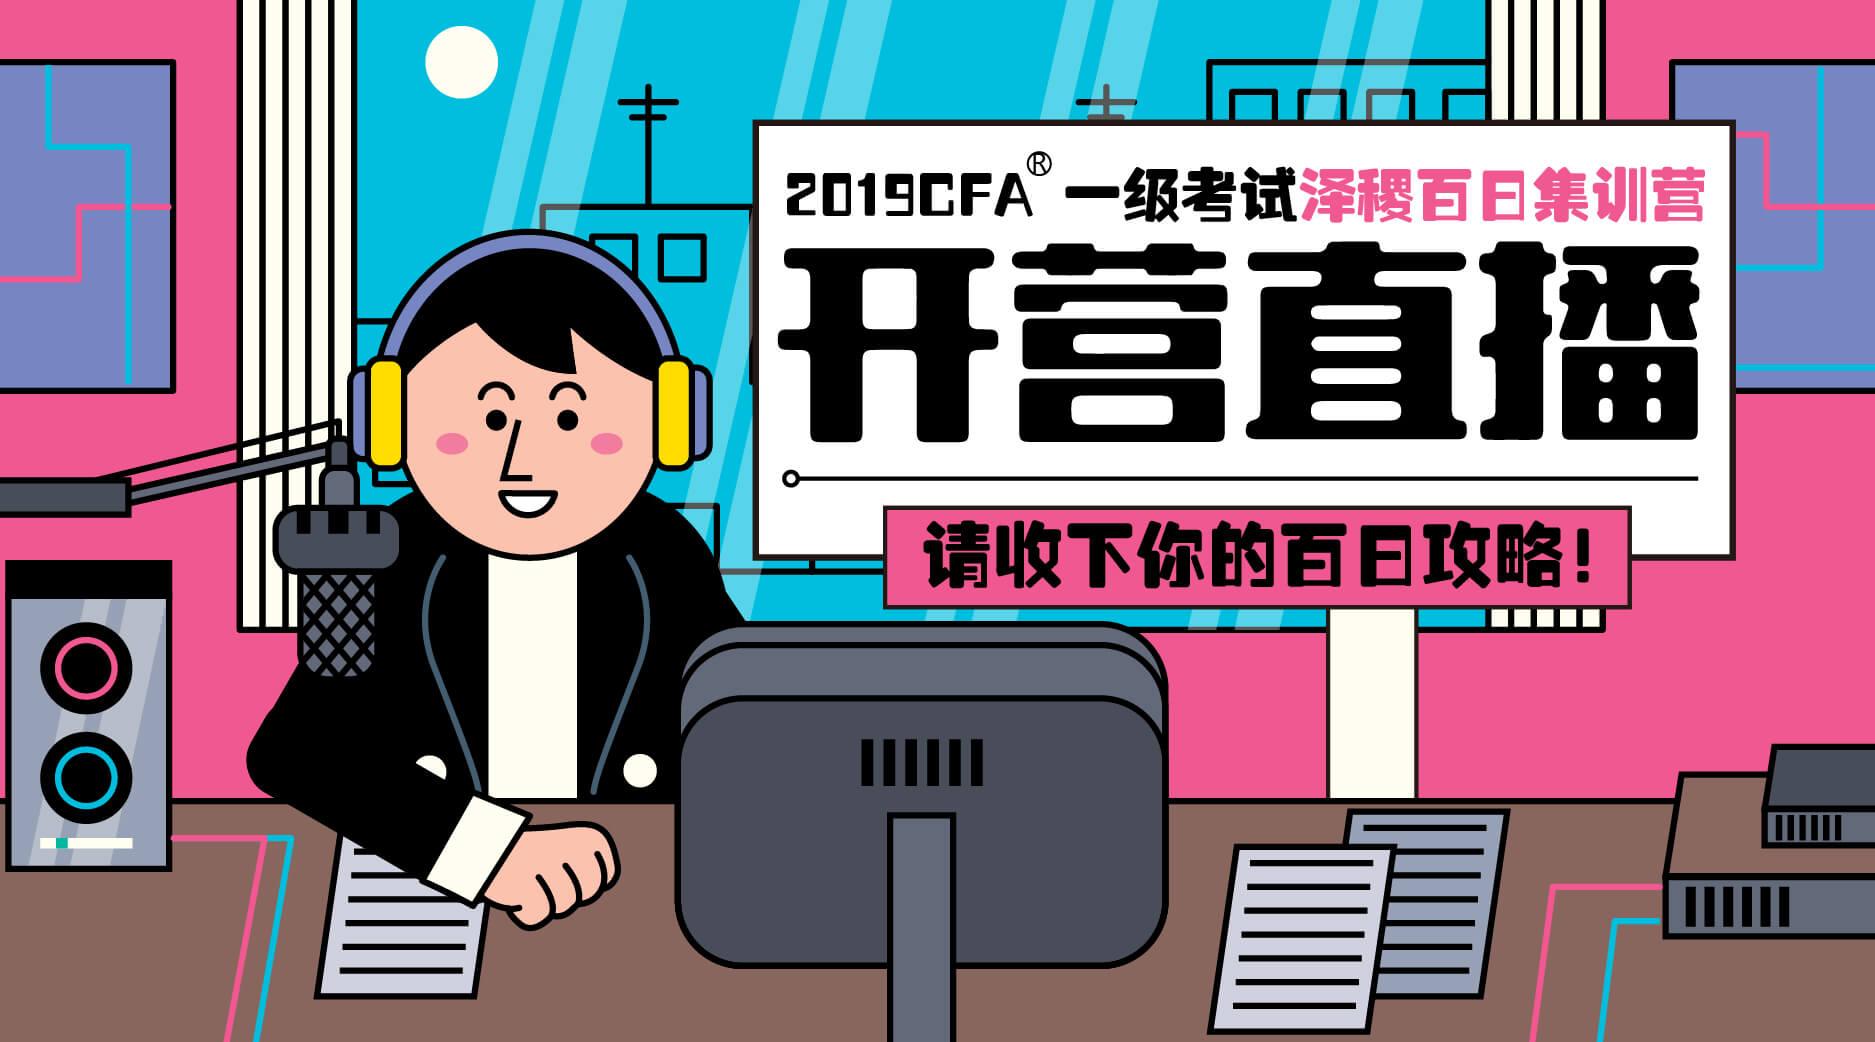 2019CFA®一级考试,泽稷百日集训营开营直播